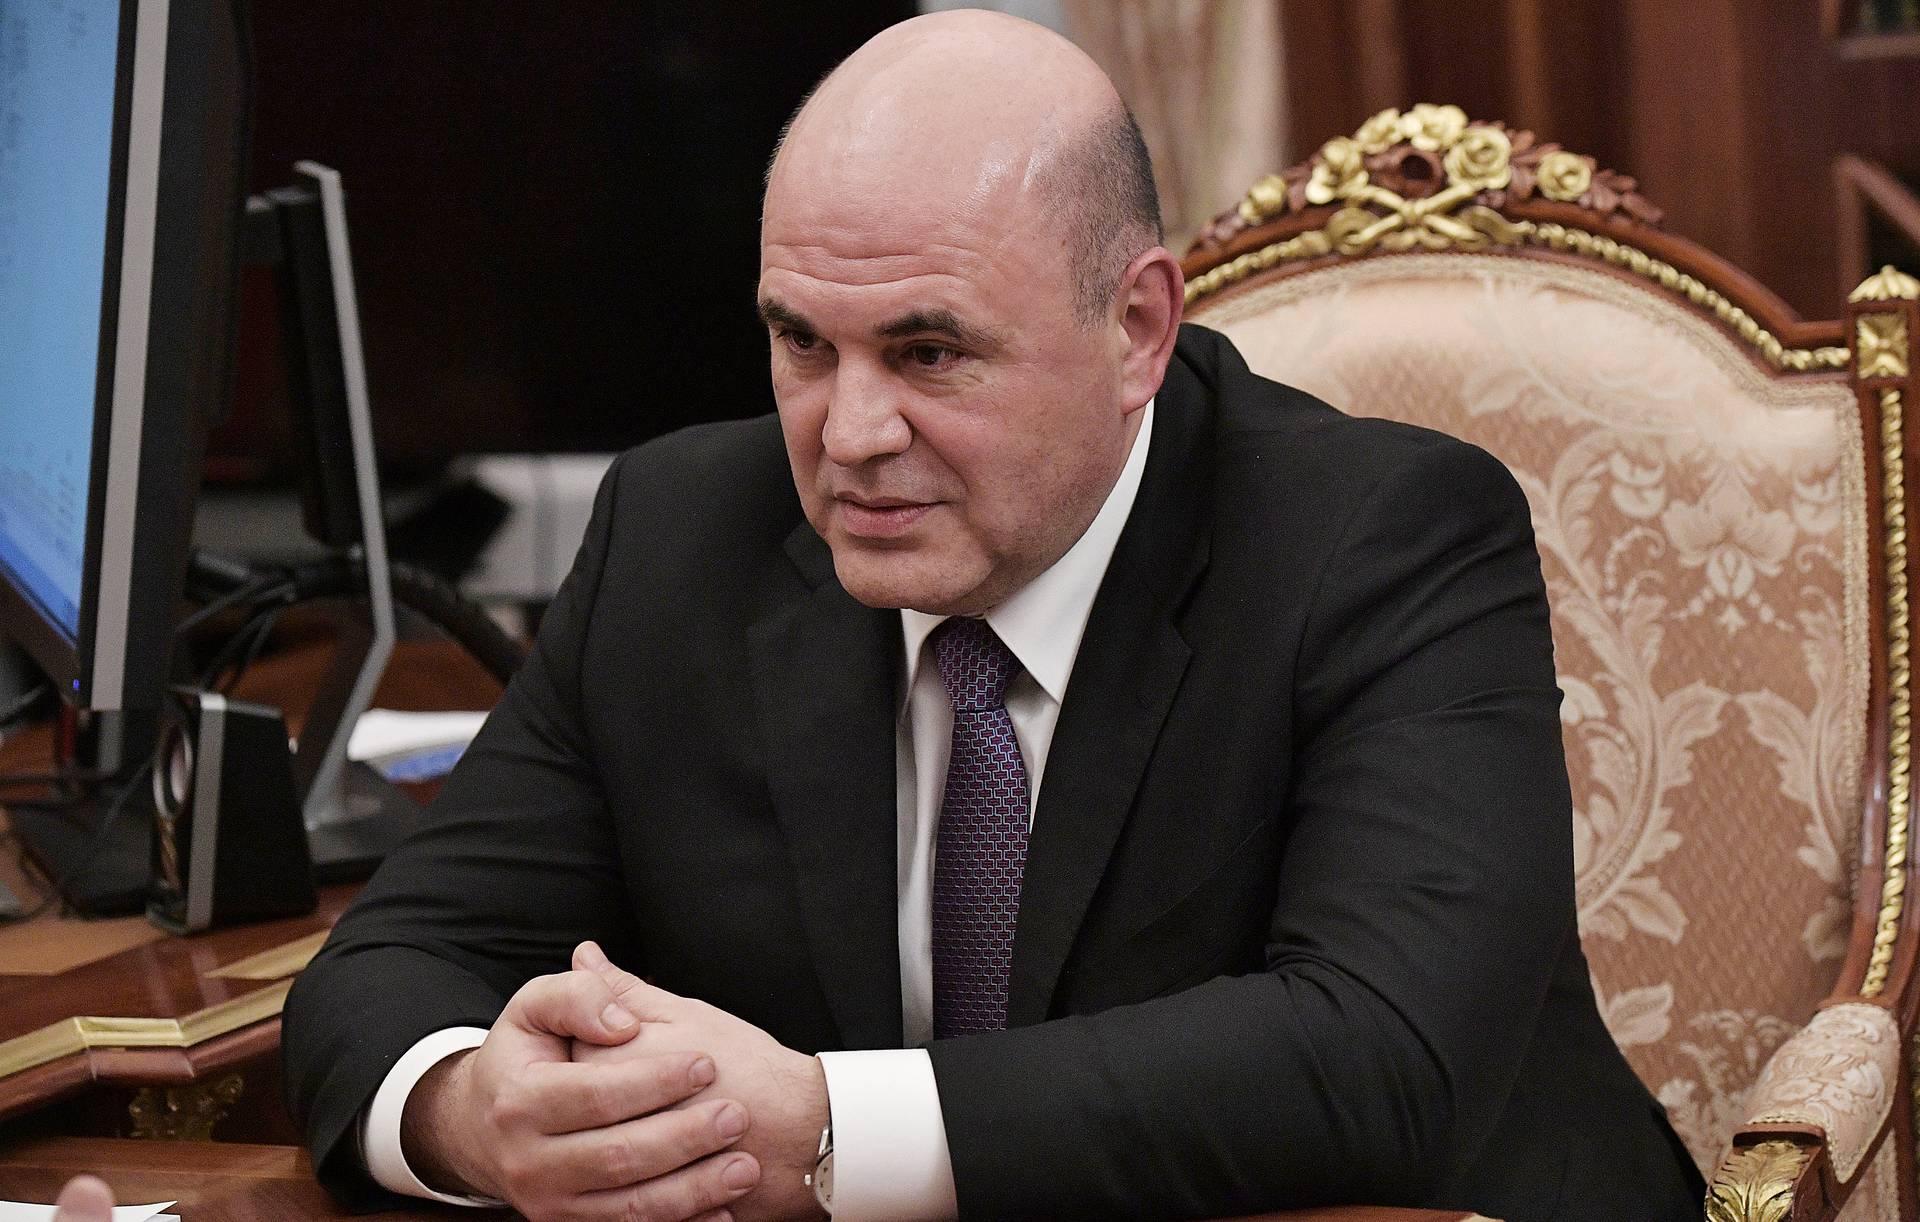 30 млрд рублей выделит Правительство России для решения проблем дольщиков - фото 1